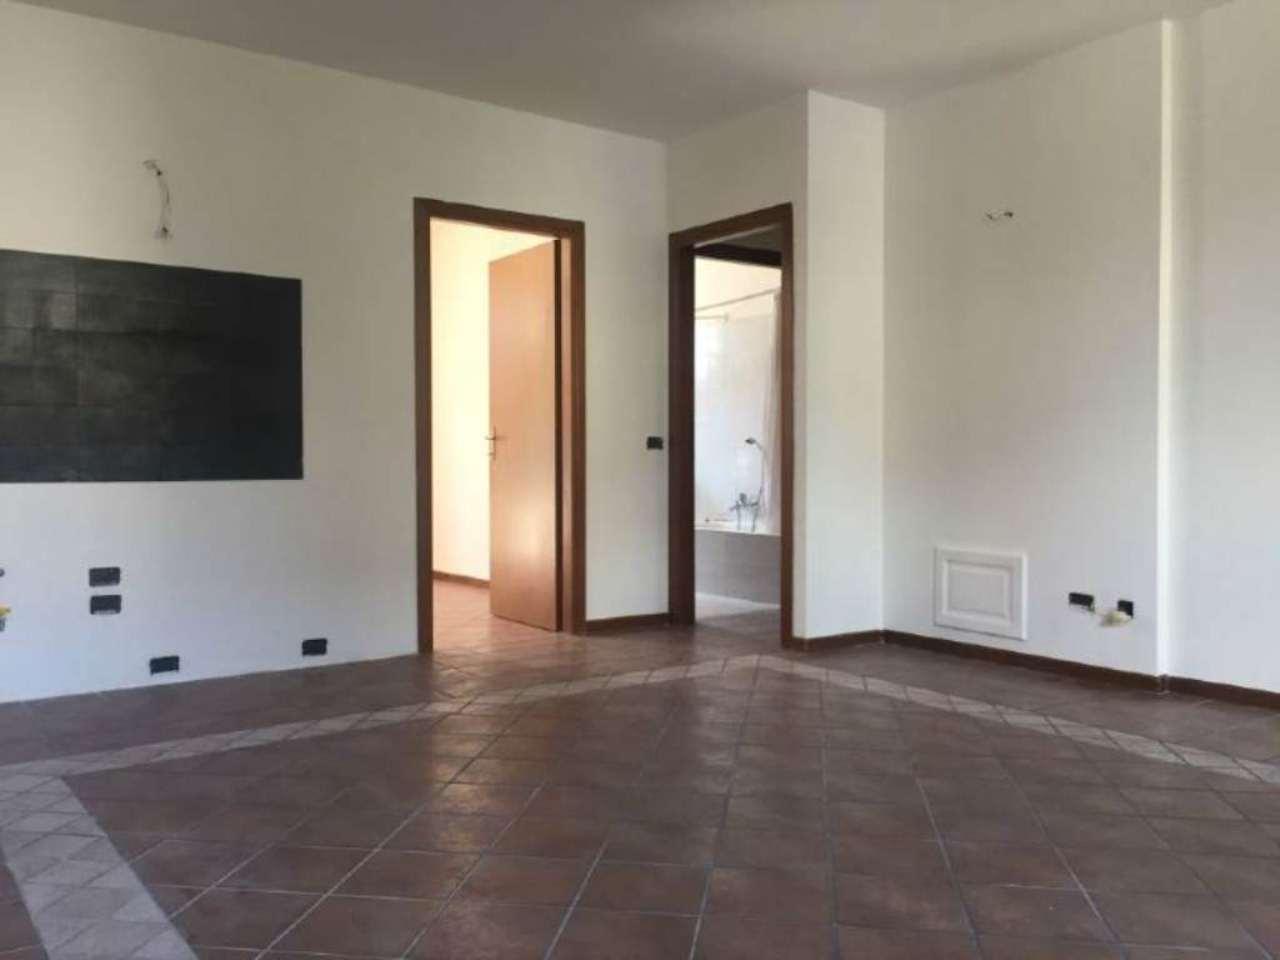 Bilocale Castel Mella Via Nicolò Paganini 2